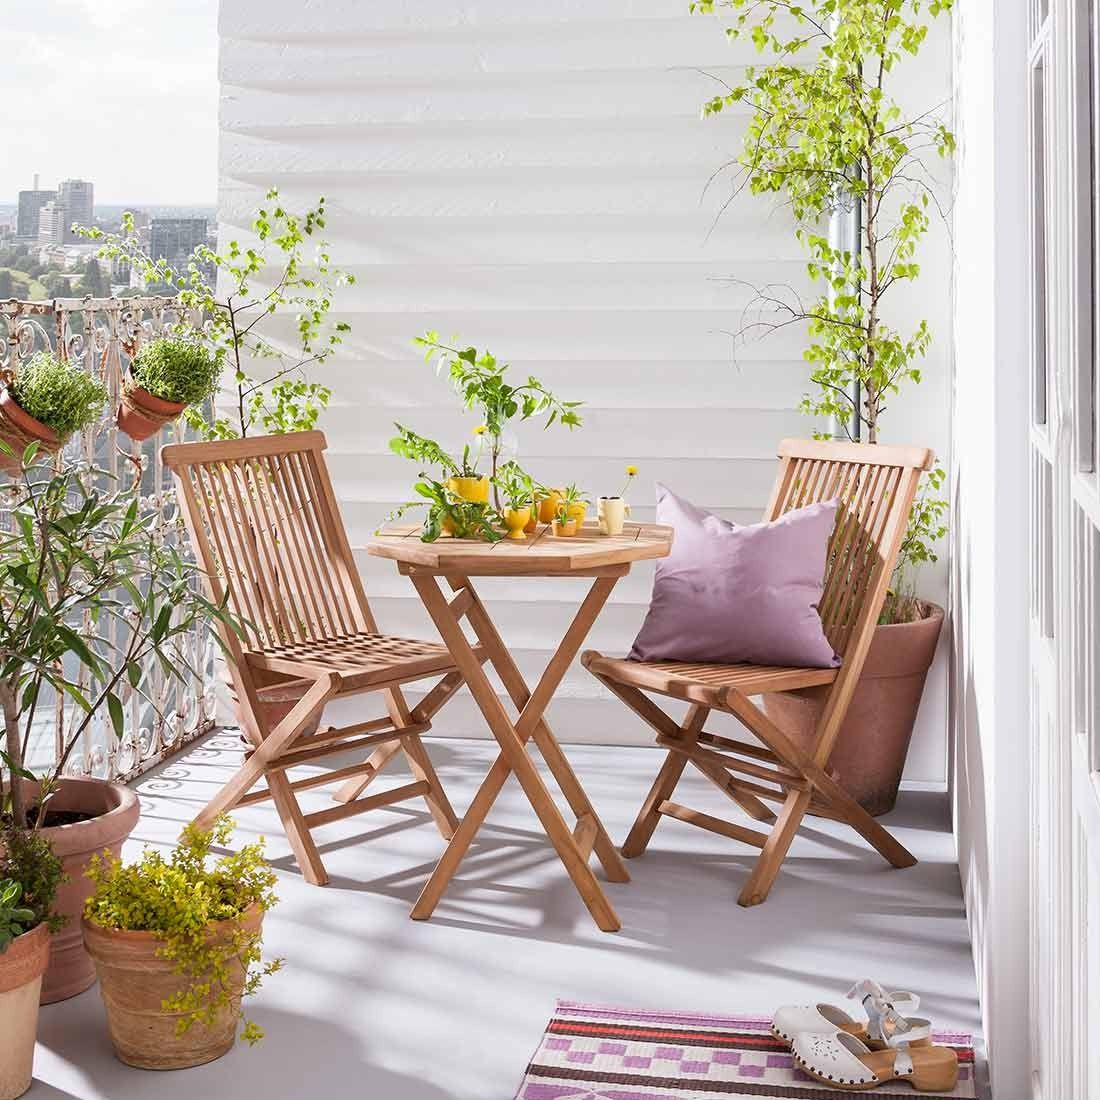 Outliv Seattle Balkonset Klein 3 Teilig Teak Golden Aktuelle Werbung Sale Garten Freizeit Teak Hochwertige Gartenmobel Gartenmobel